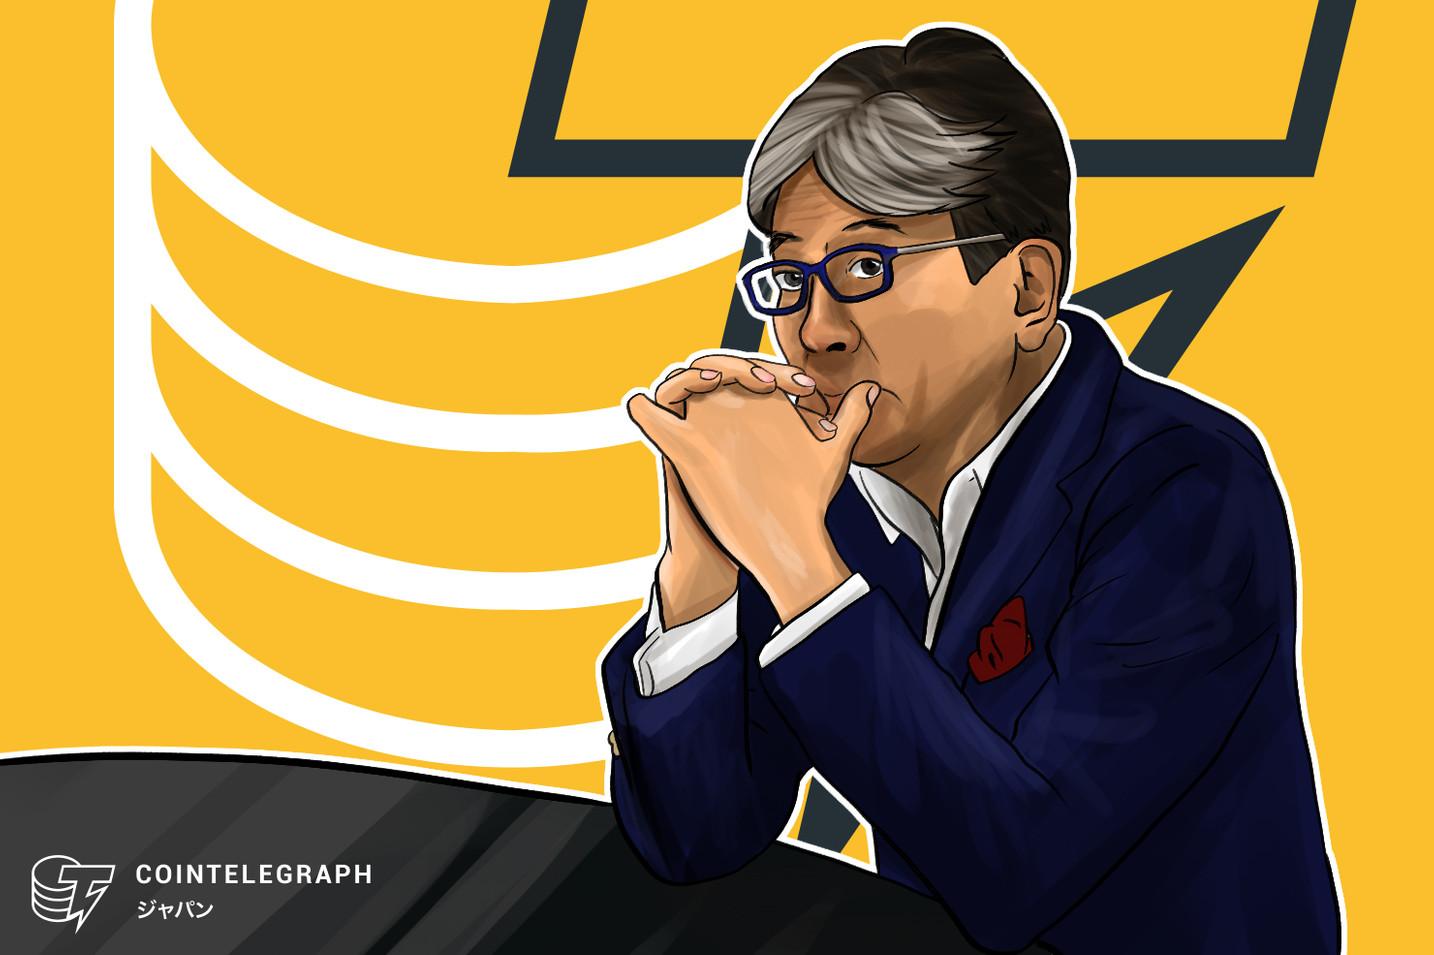 【独占インタビュー】「投資家よ、アクティビストたれ」マネックス松本CEO が仮想通貨投資家に伝えたいこと